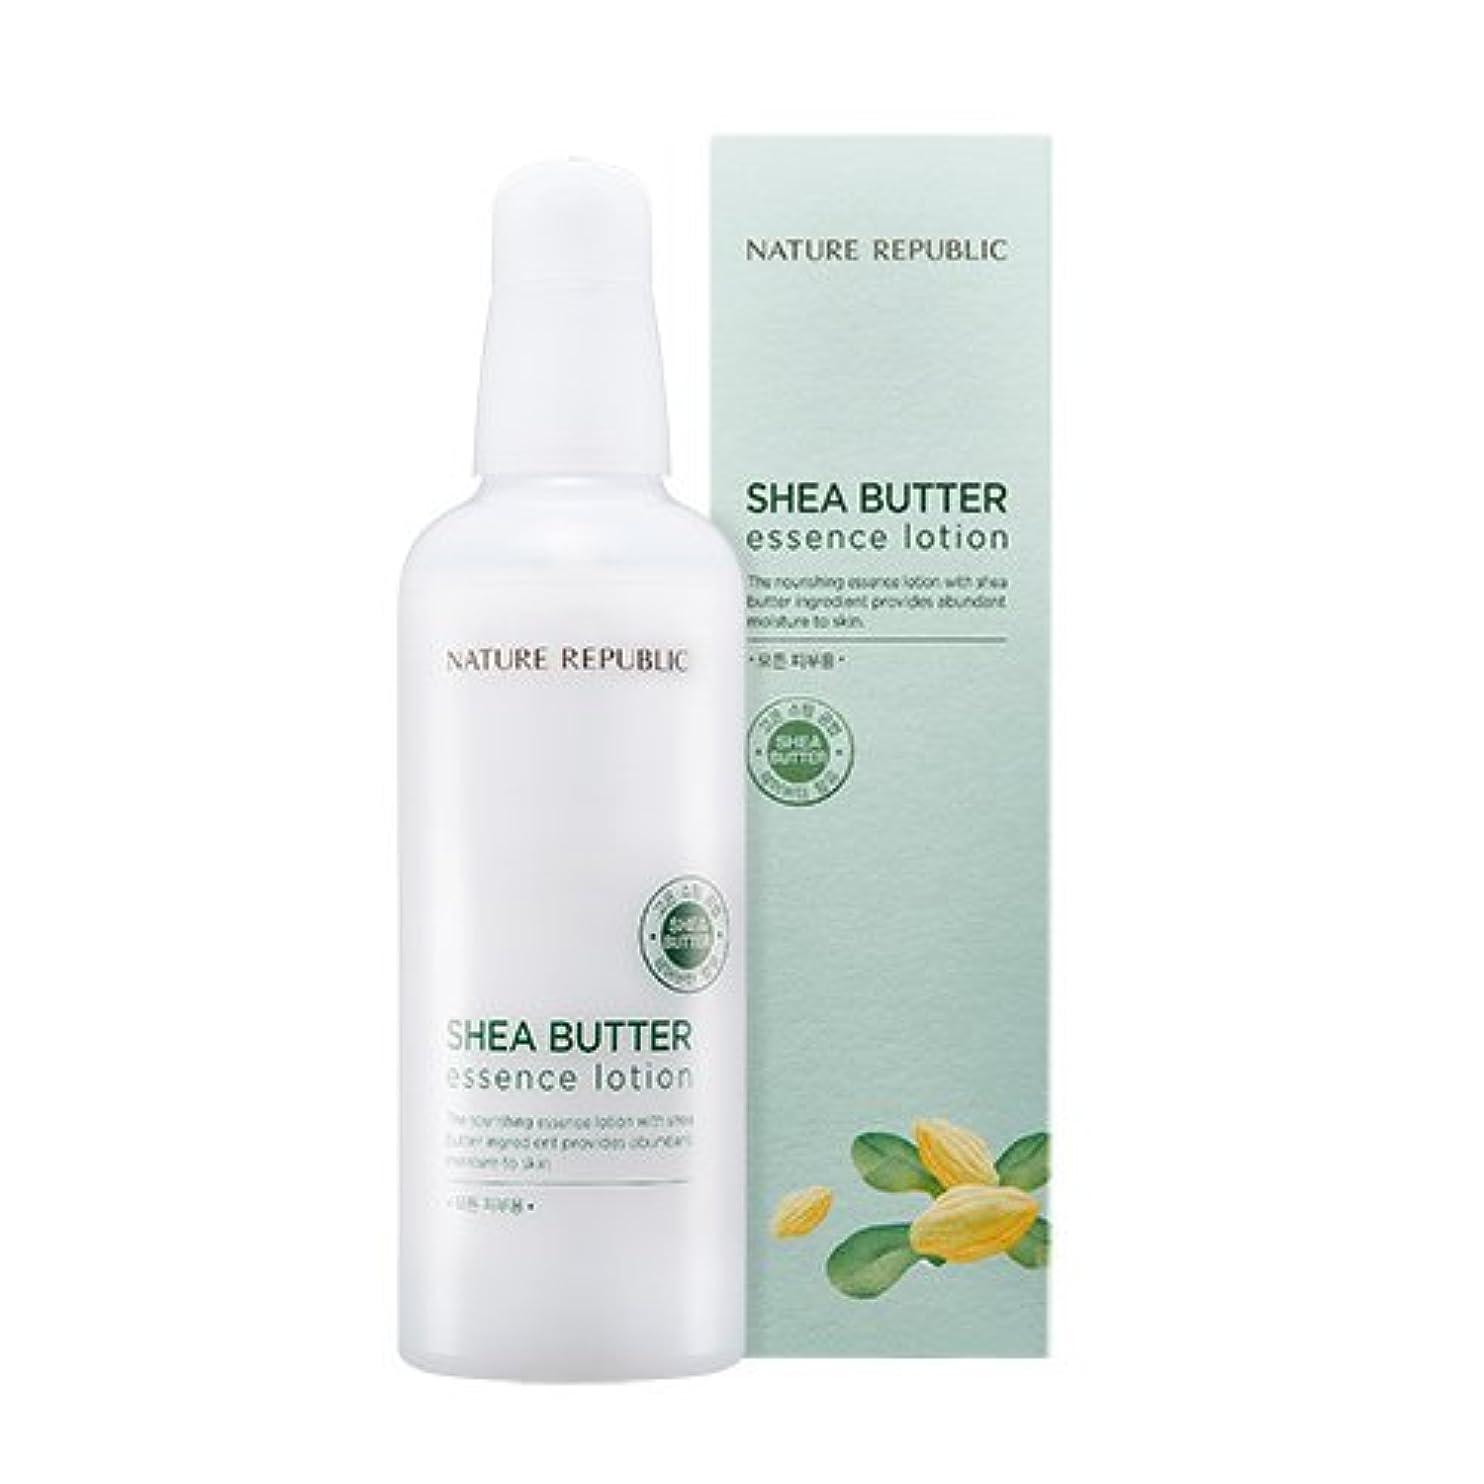 雪電卓小川NATURE REPUBLIC Shea Butter Essence Lotion ネイチャーリパブリック シェアバターエッセンスローション [2017 NEW] [並行輸入品]